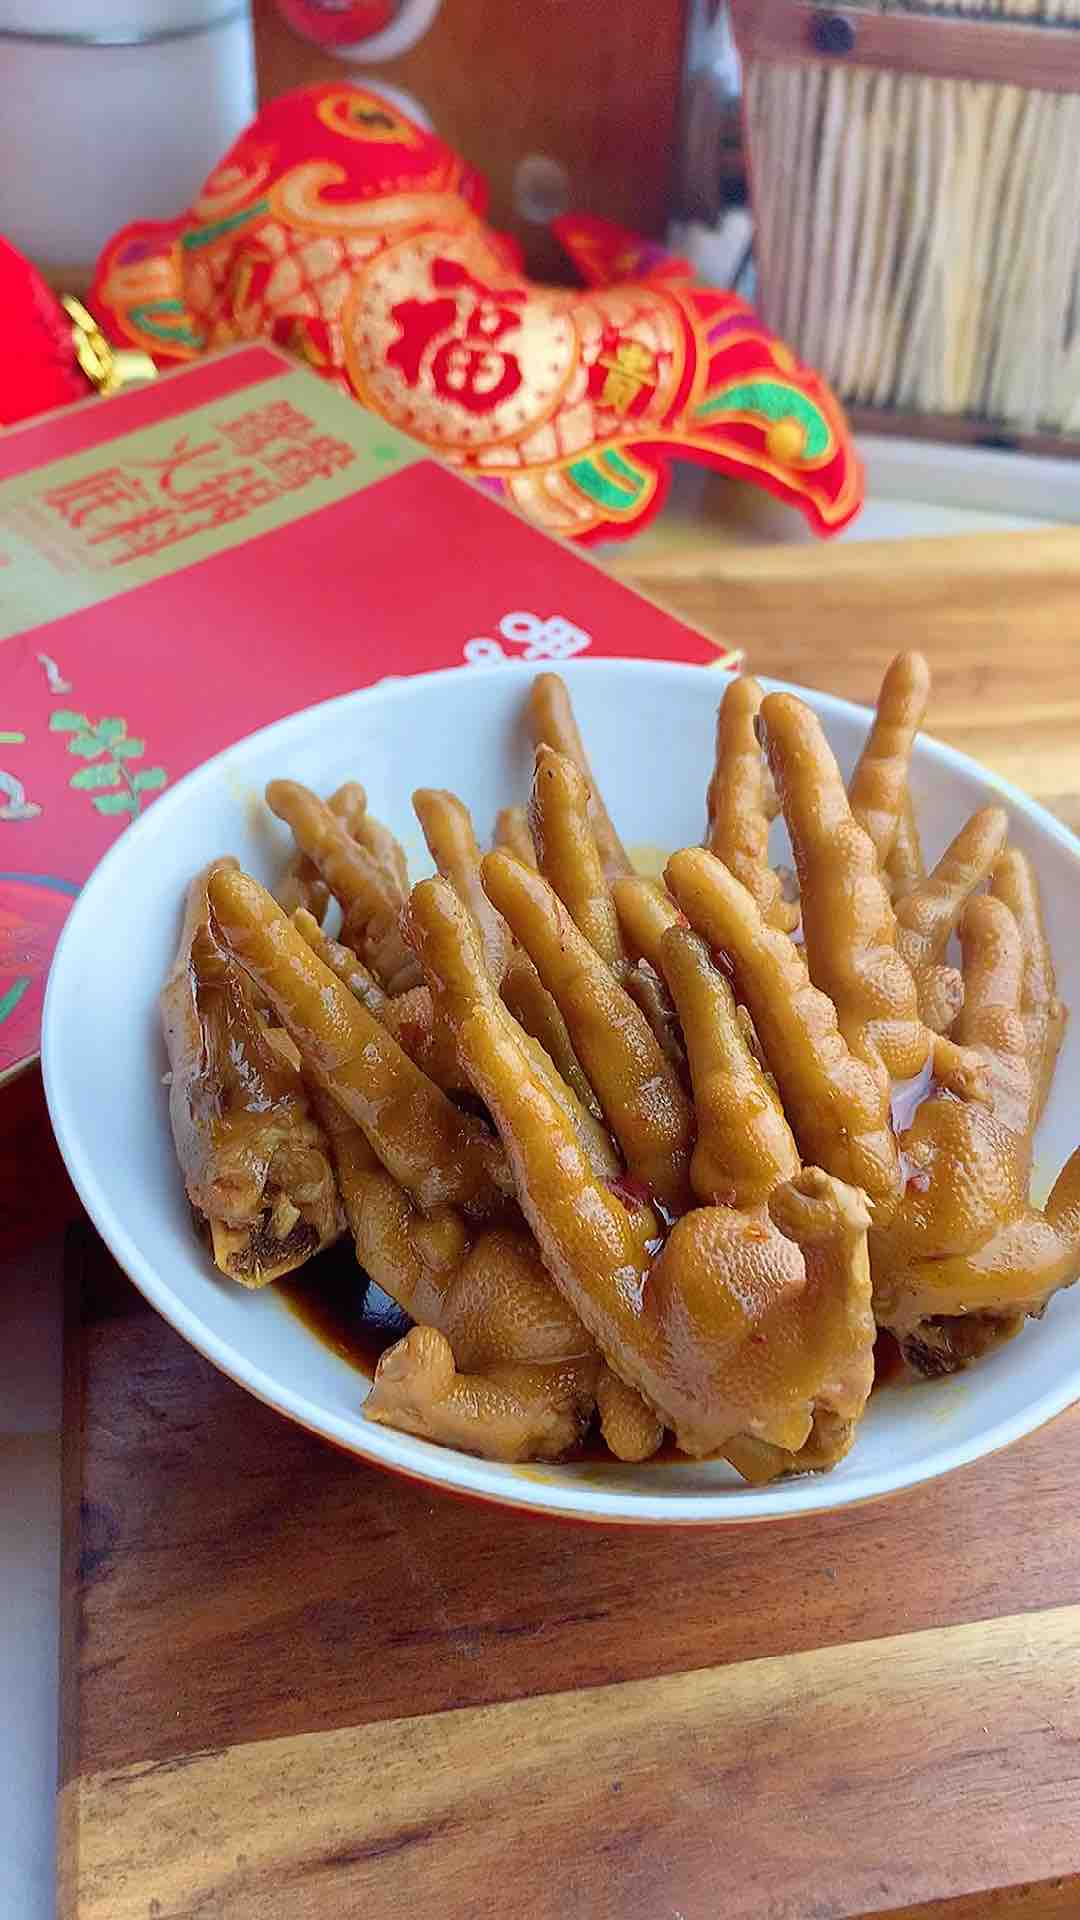 麻辣卤鸡爪,年菜里不可缺少的一道菜的步骤